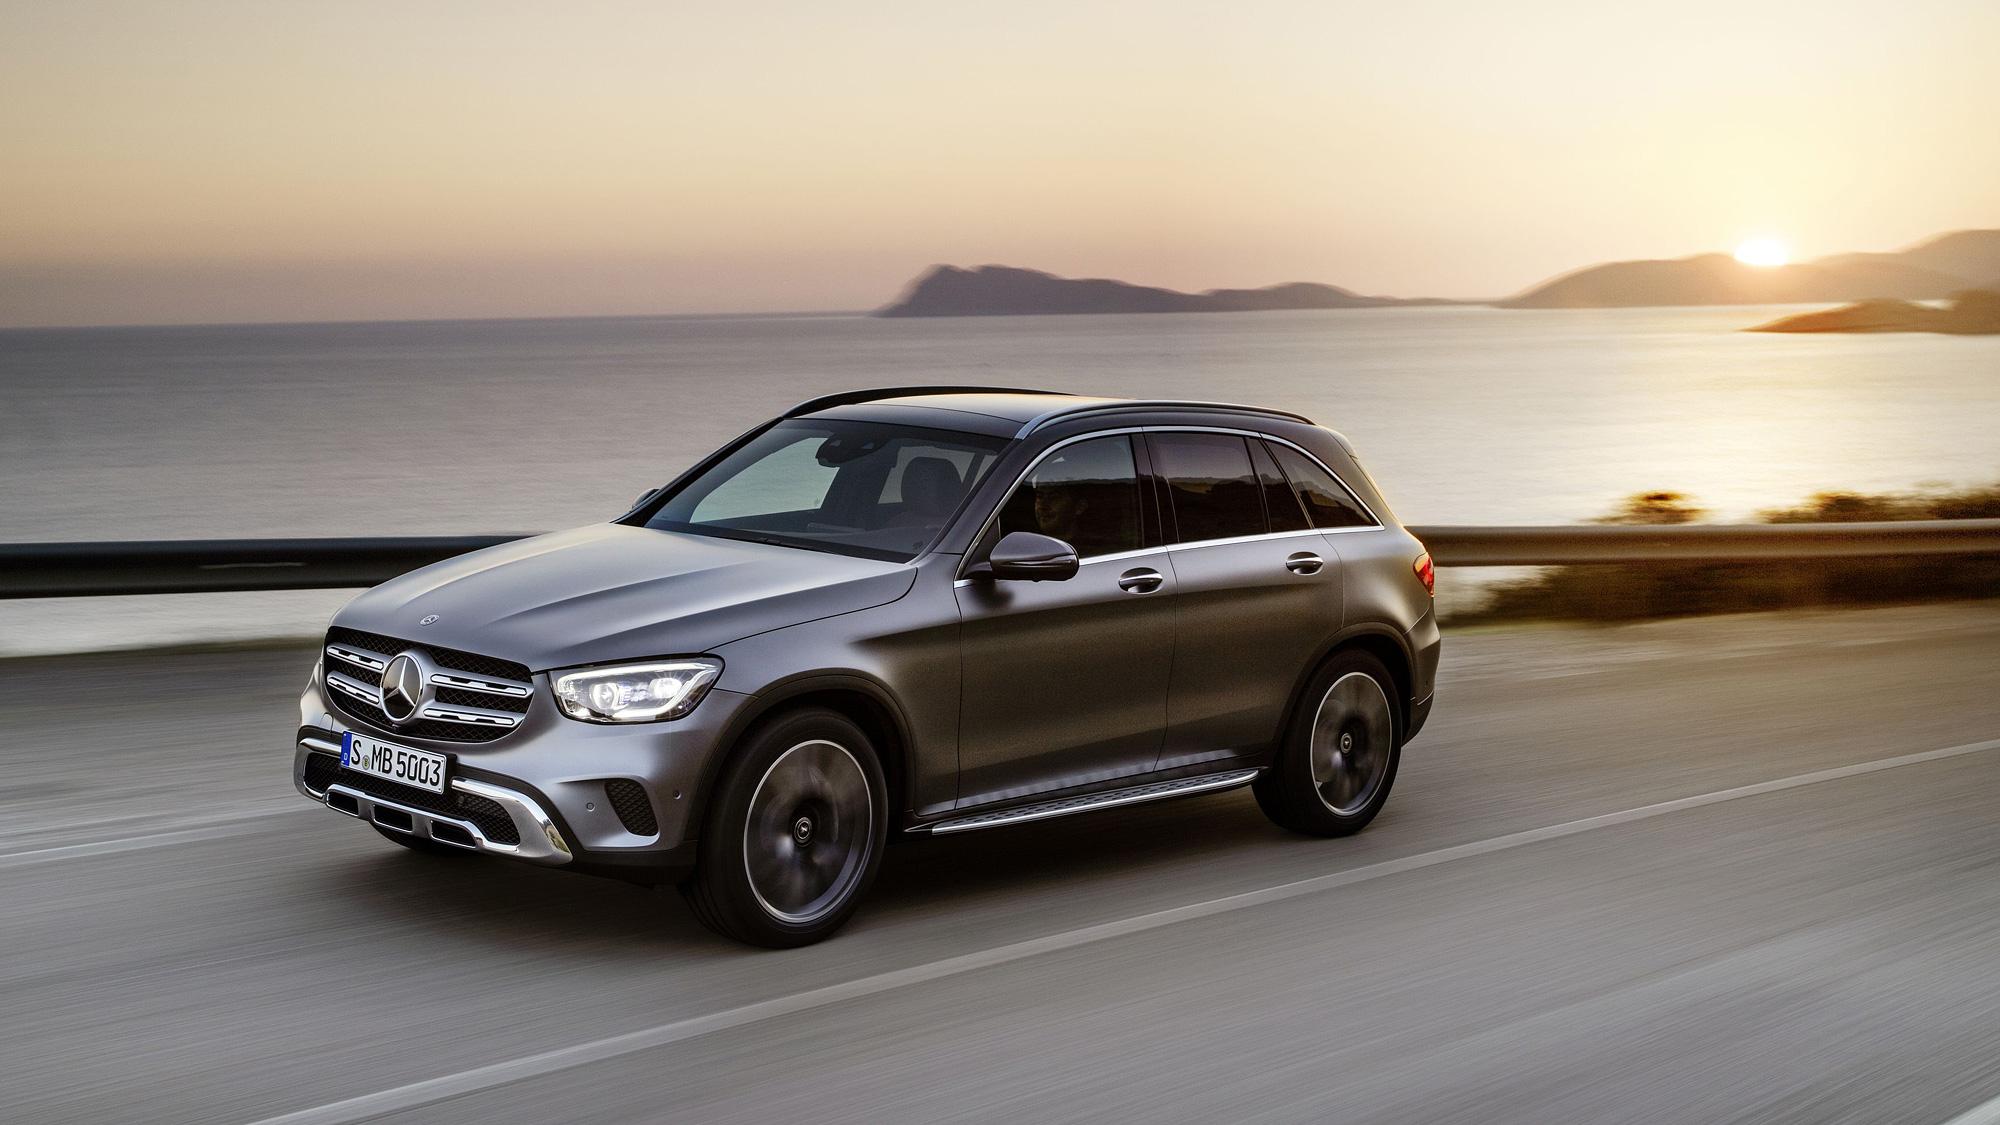 小改 Mercedes-Benz GLC 234 萬元起上市, GLC Coupé 251 萬元起同步推出